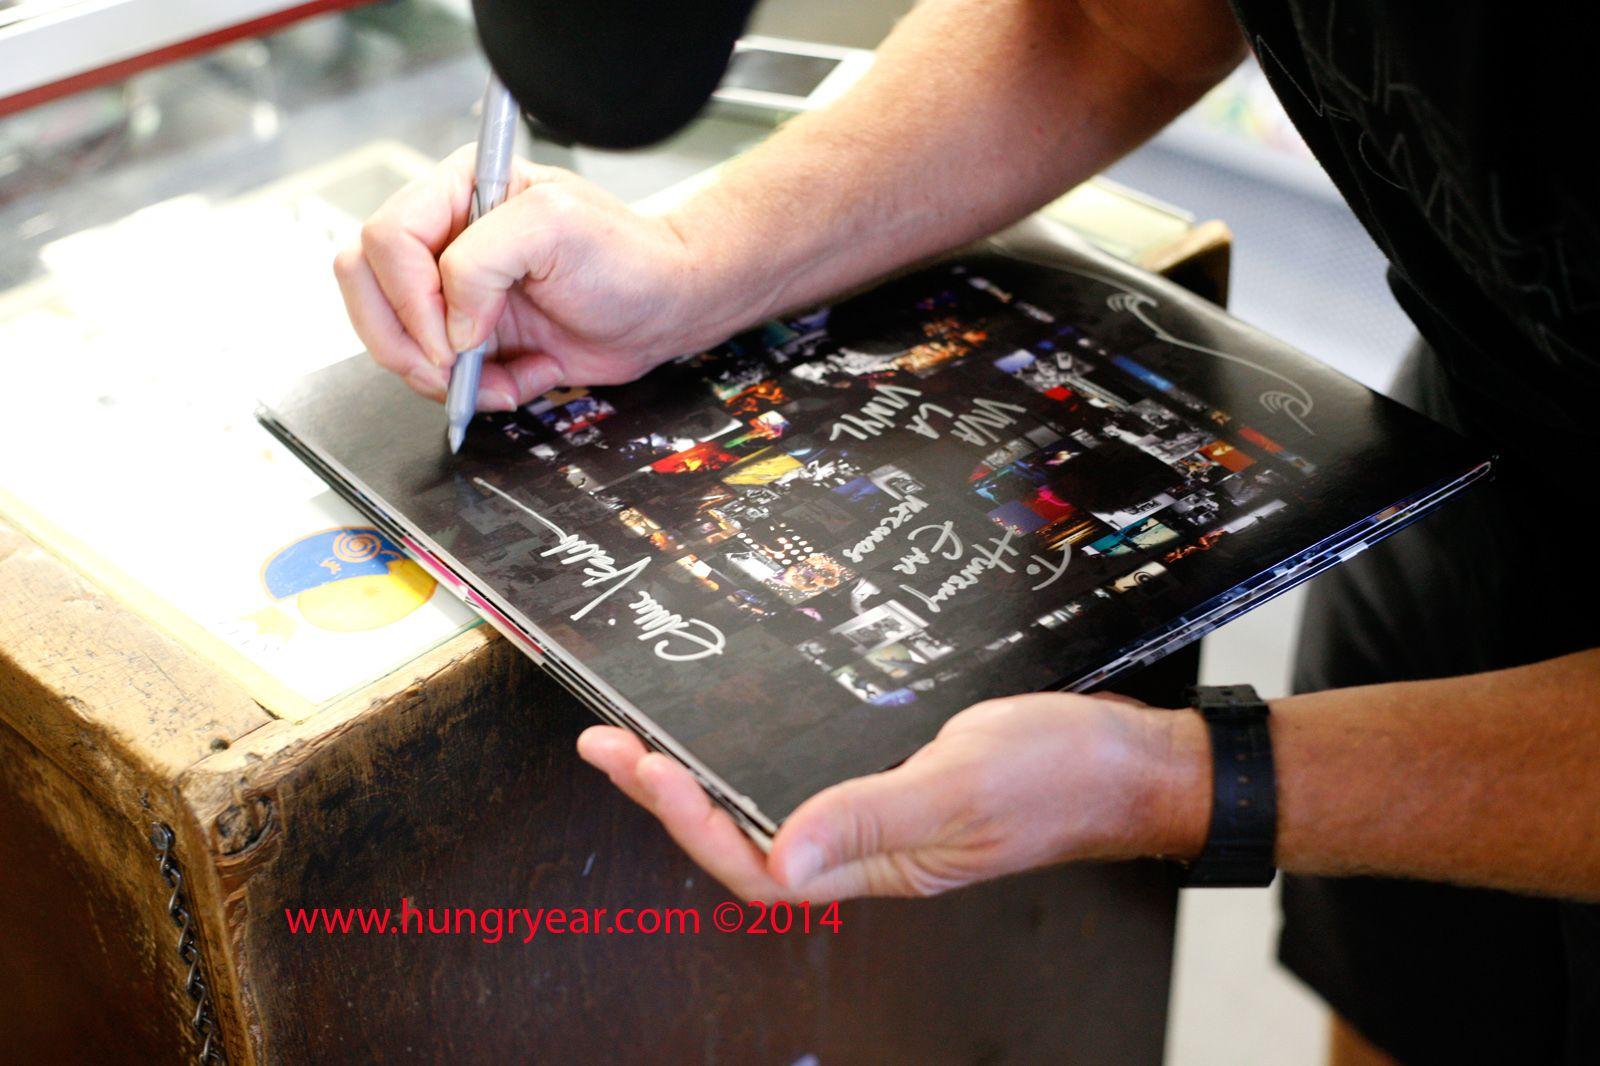 Eddie Signing Pj20 Lp With Credits 4702 Jpg 1600 1066 Pearl Jam Eddie Vedder Records